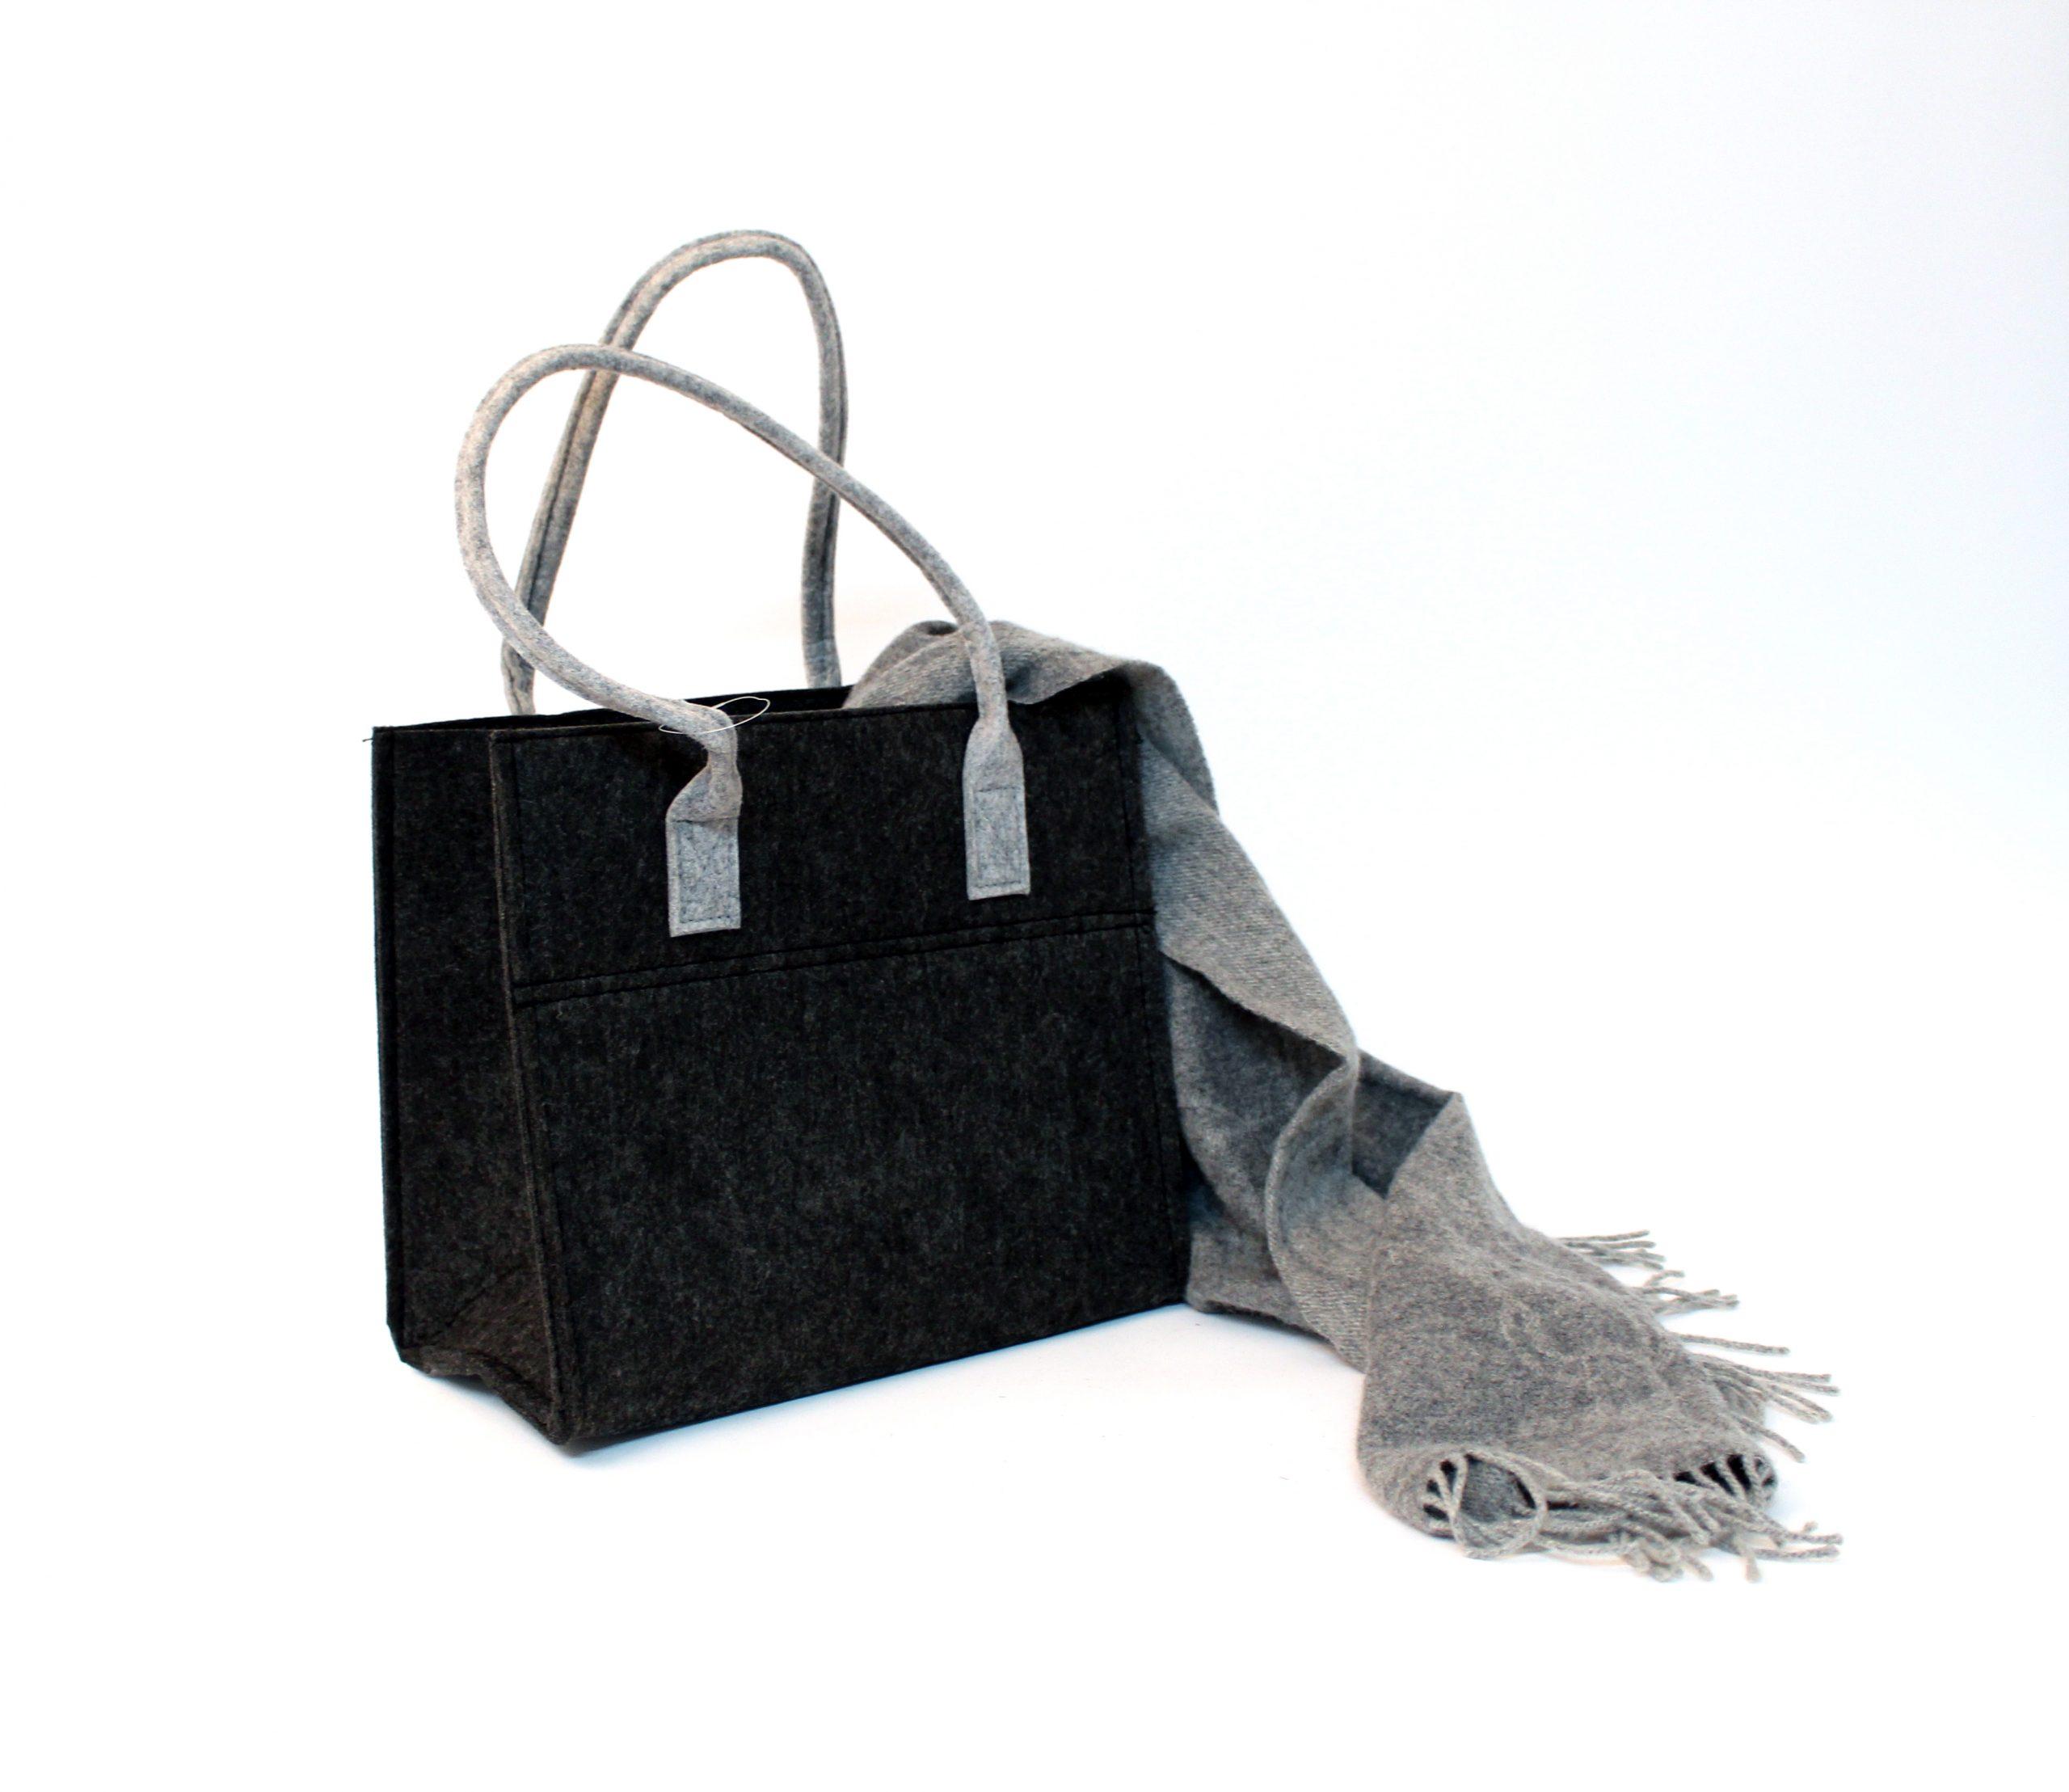 Schwarze Filztasche mit grauen Henkeln Schal liegt um die Tasche - Handgemachte individualisierbare Taschen, Körbe, Tischsets, Dekoartikel und mehr auf fideko.de der Onlineshop seit 2011